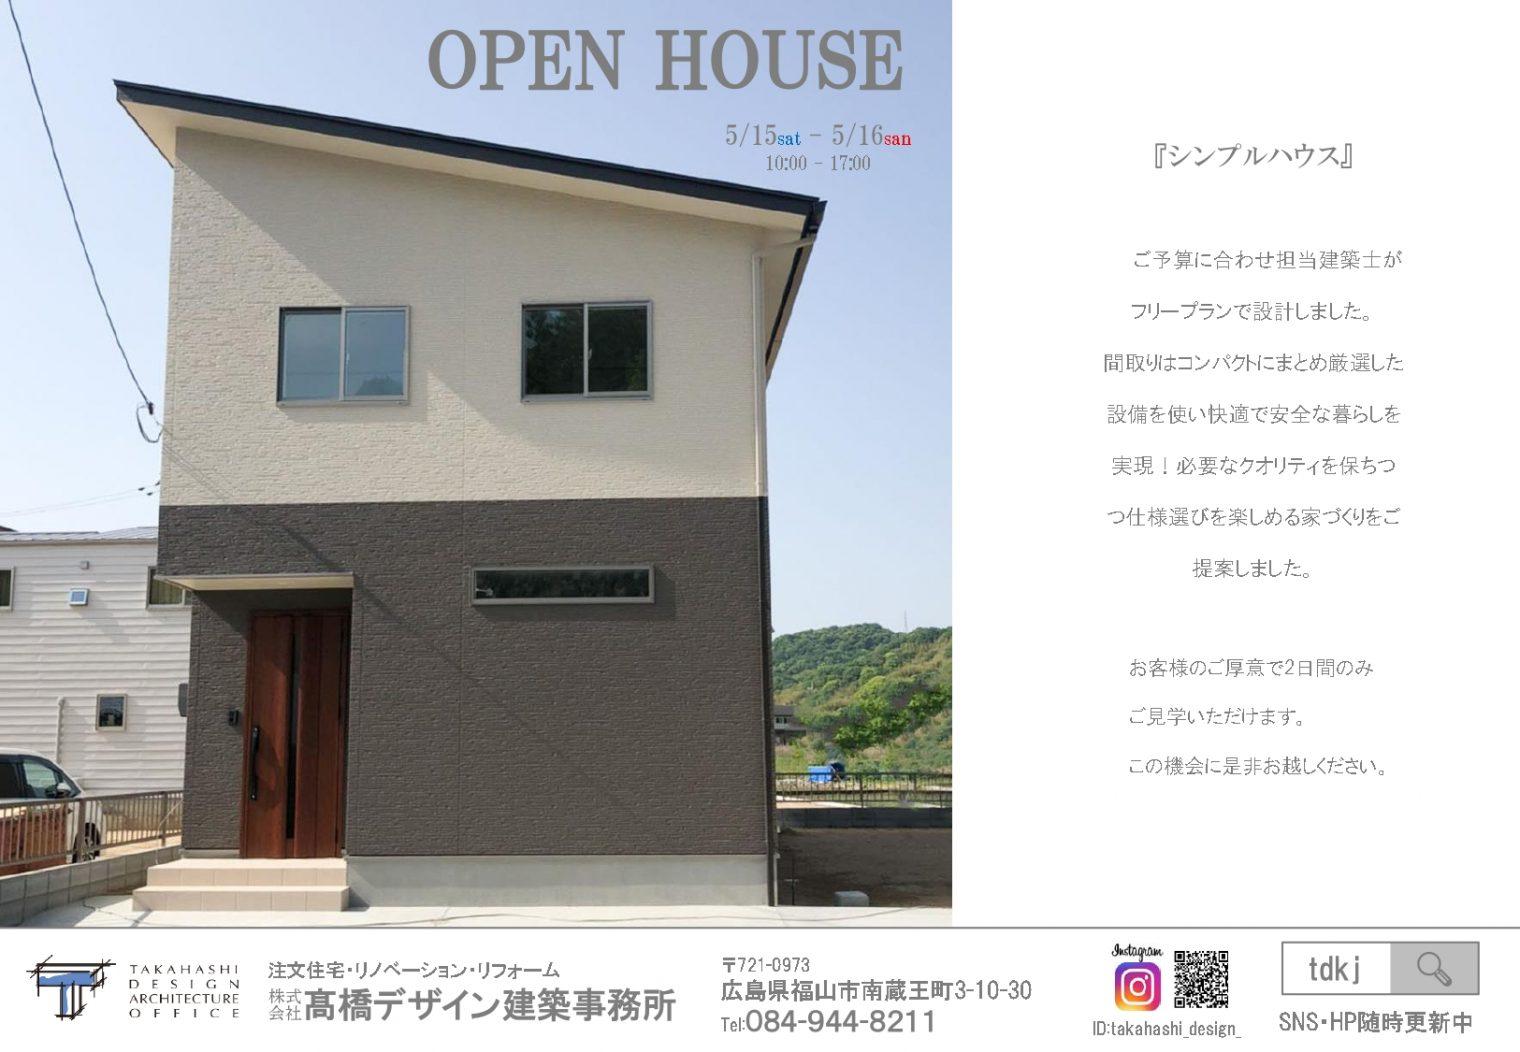 福山市赤坂町 注文住宅 完成見学会を開催します!!